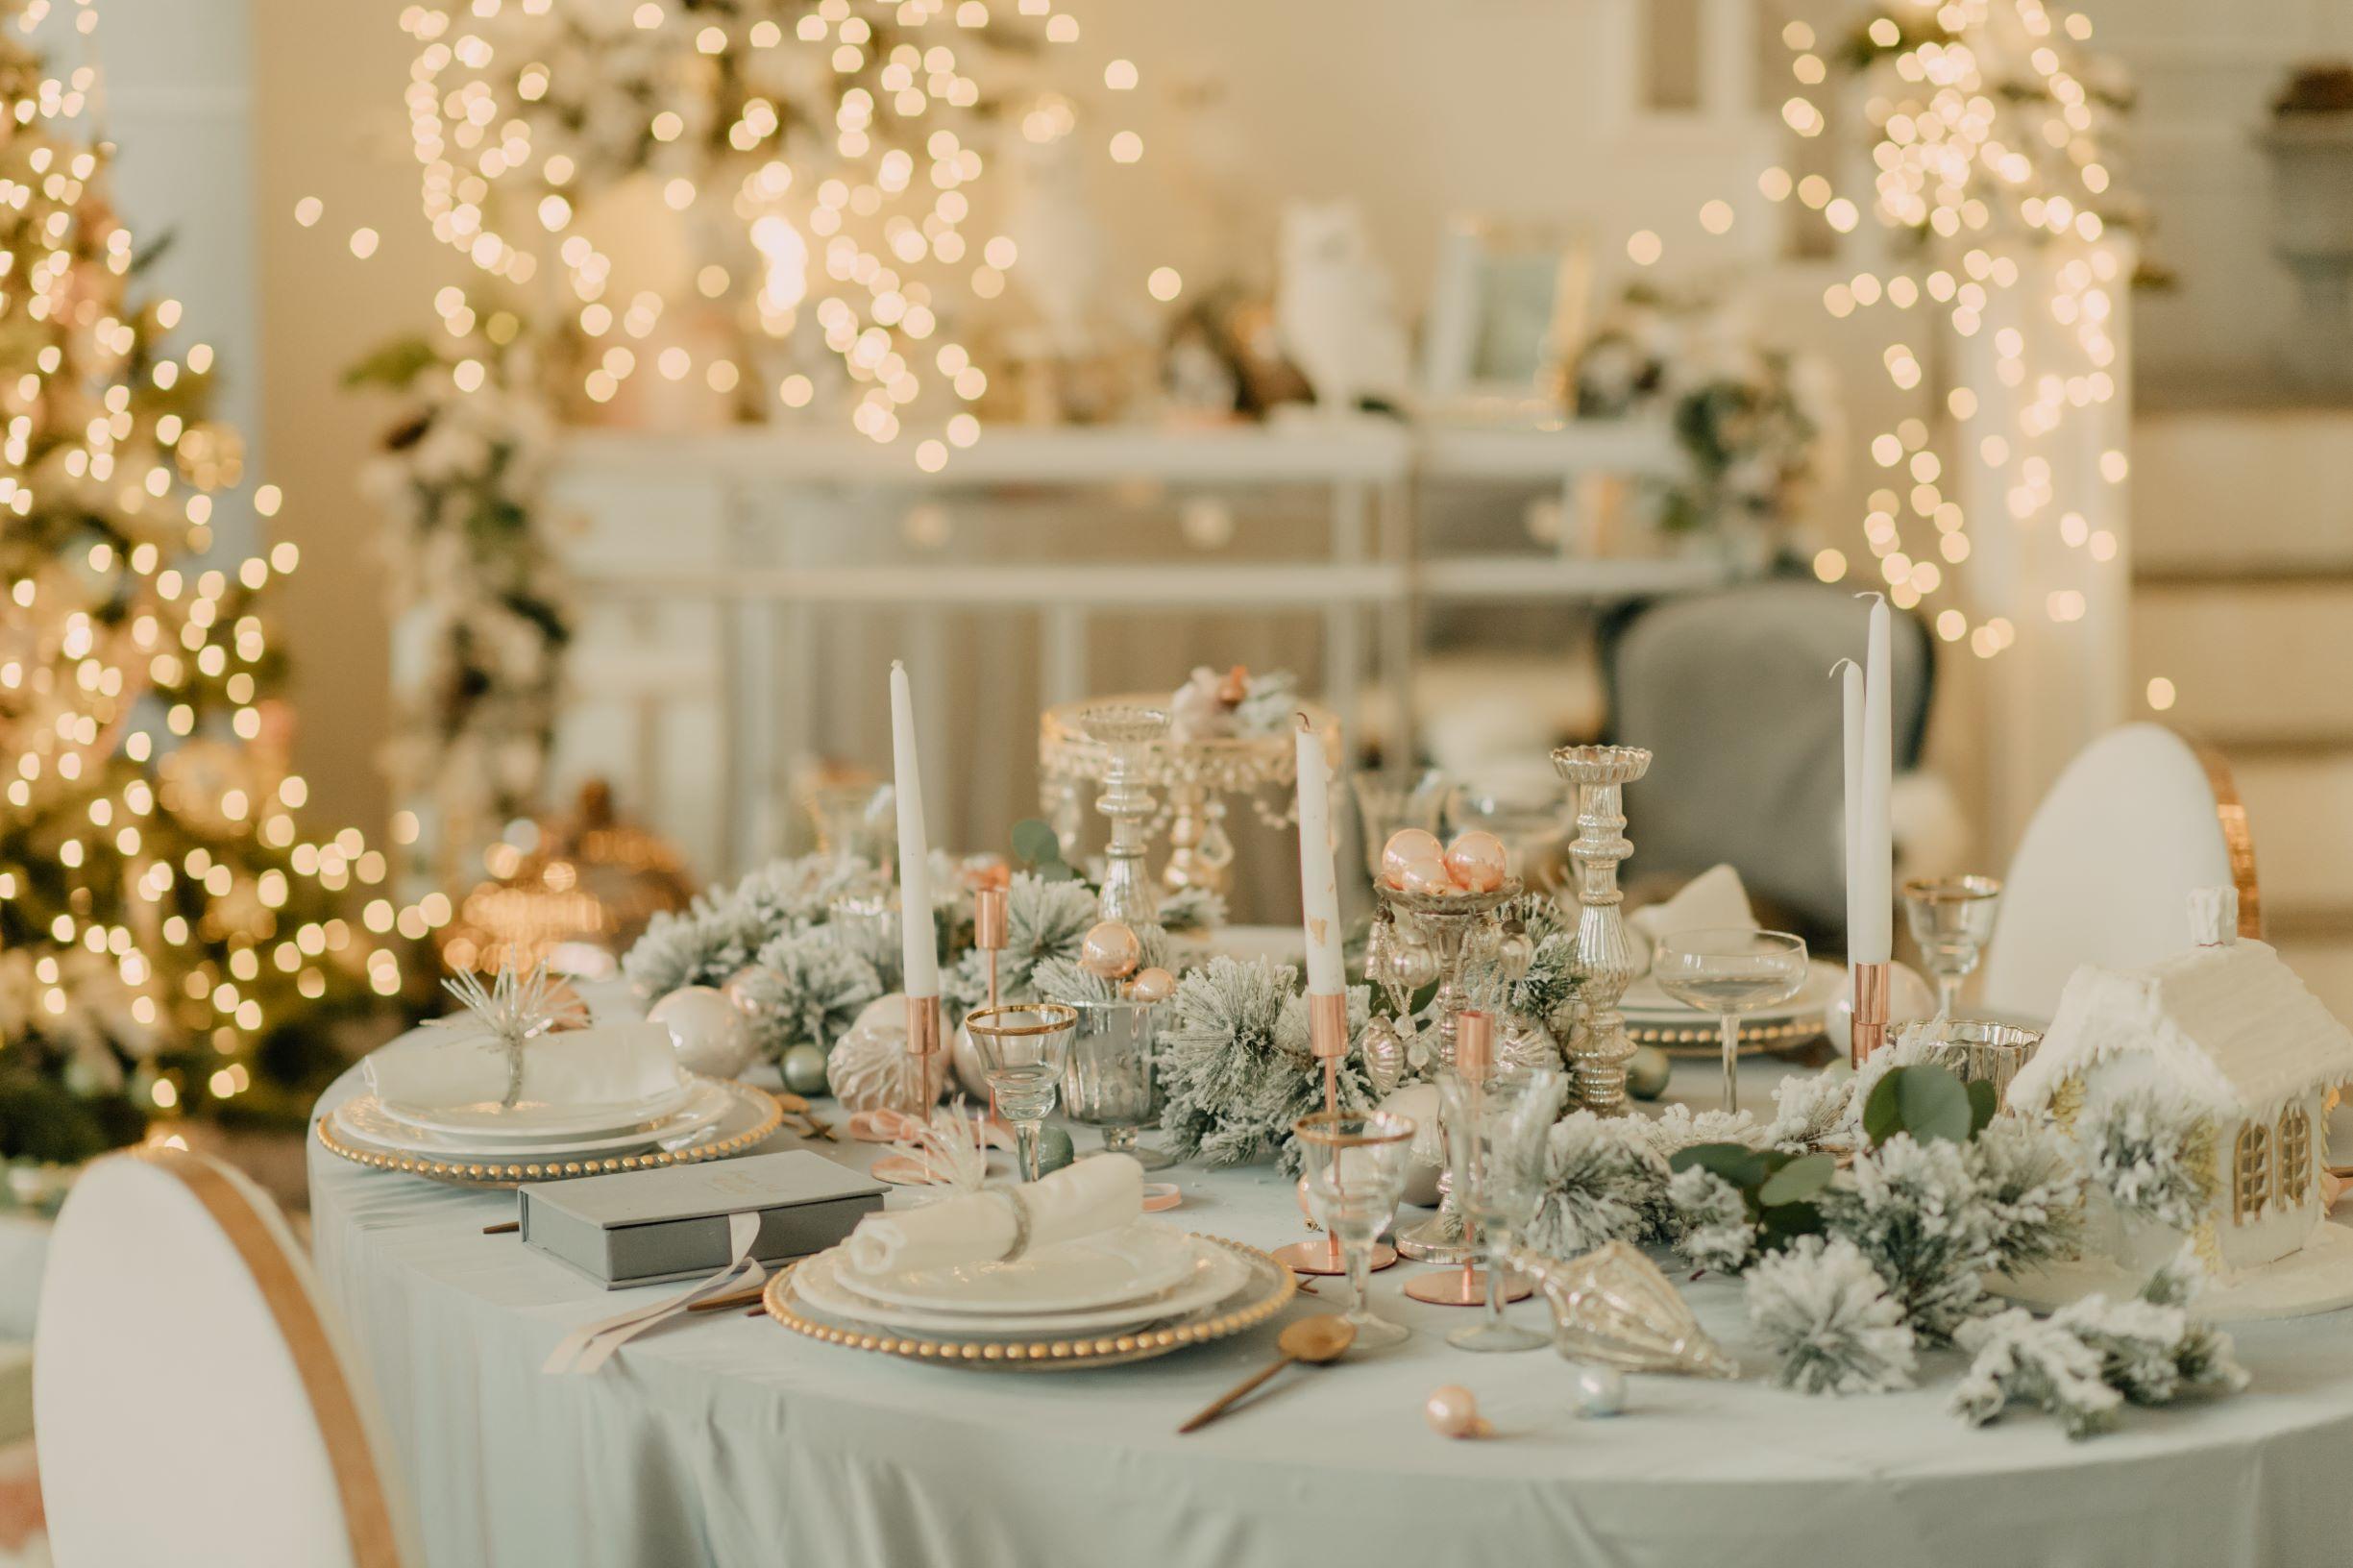 Glamorous Christmas table setup.